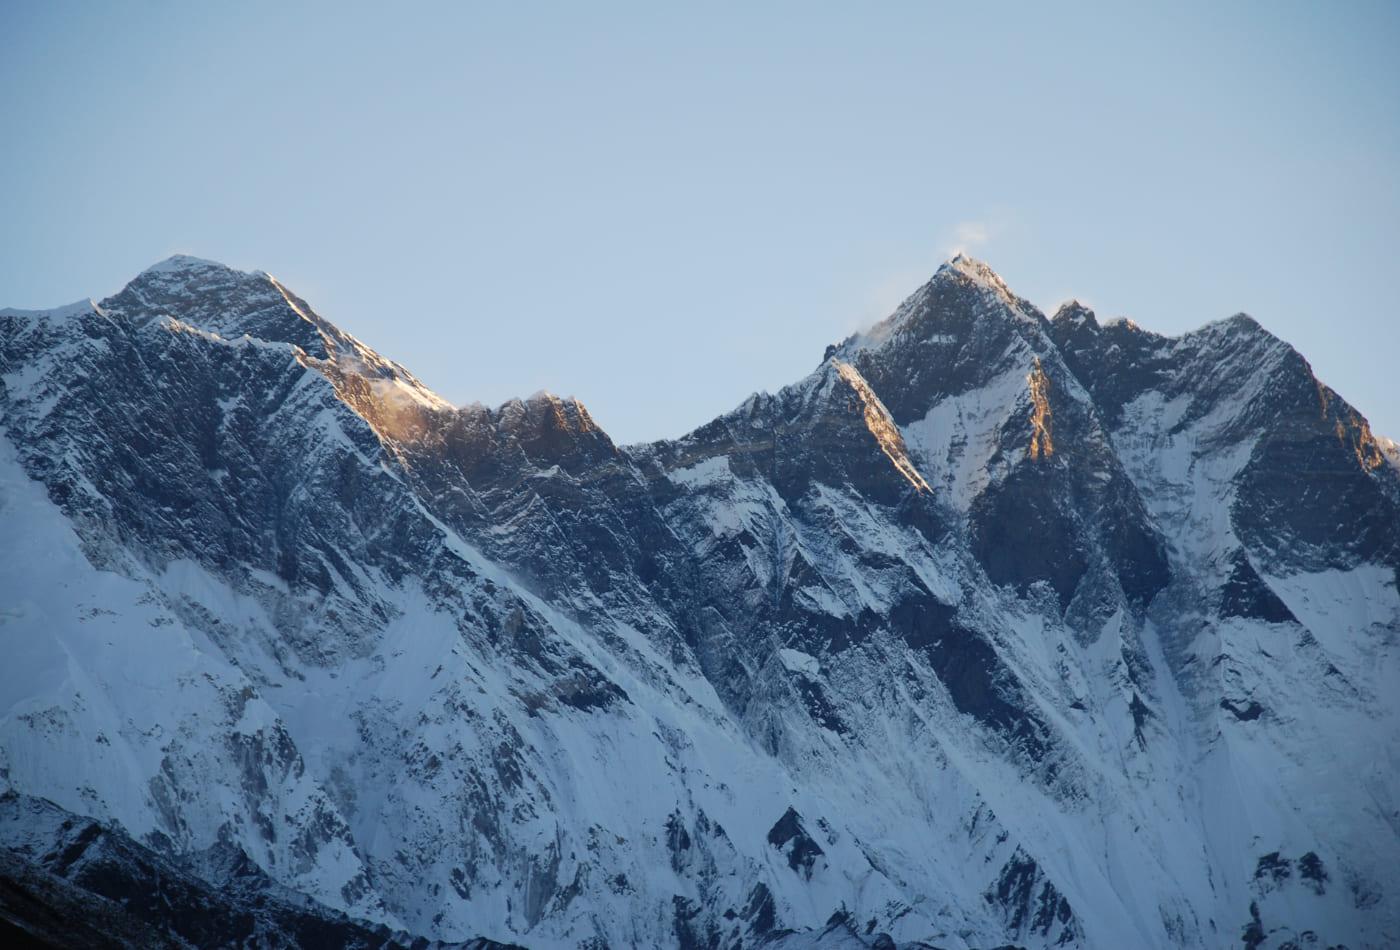 Gebirge mit Schneegipfeln